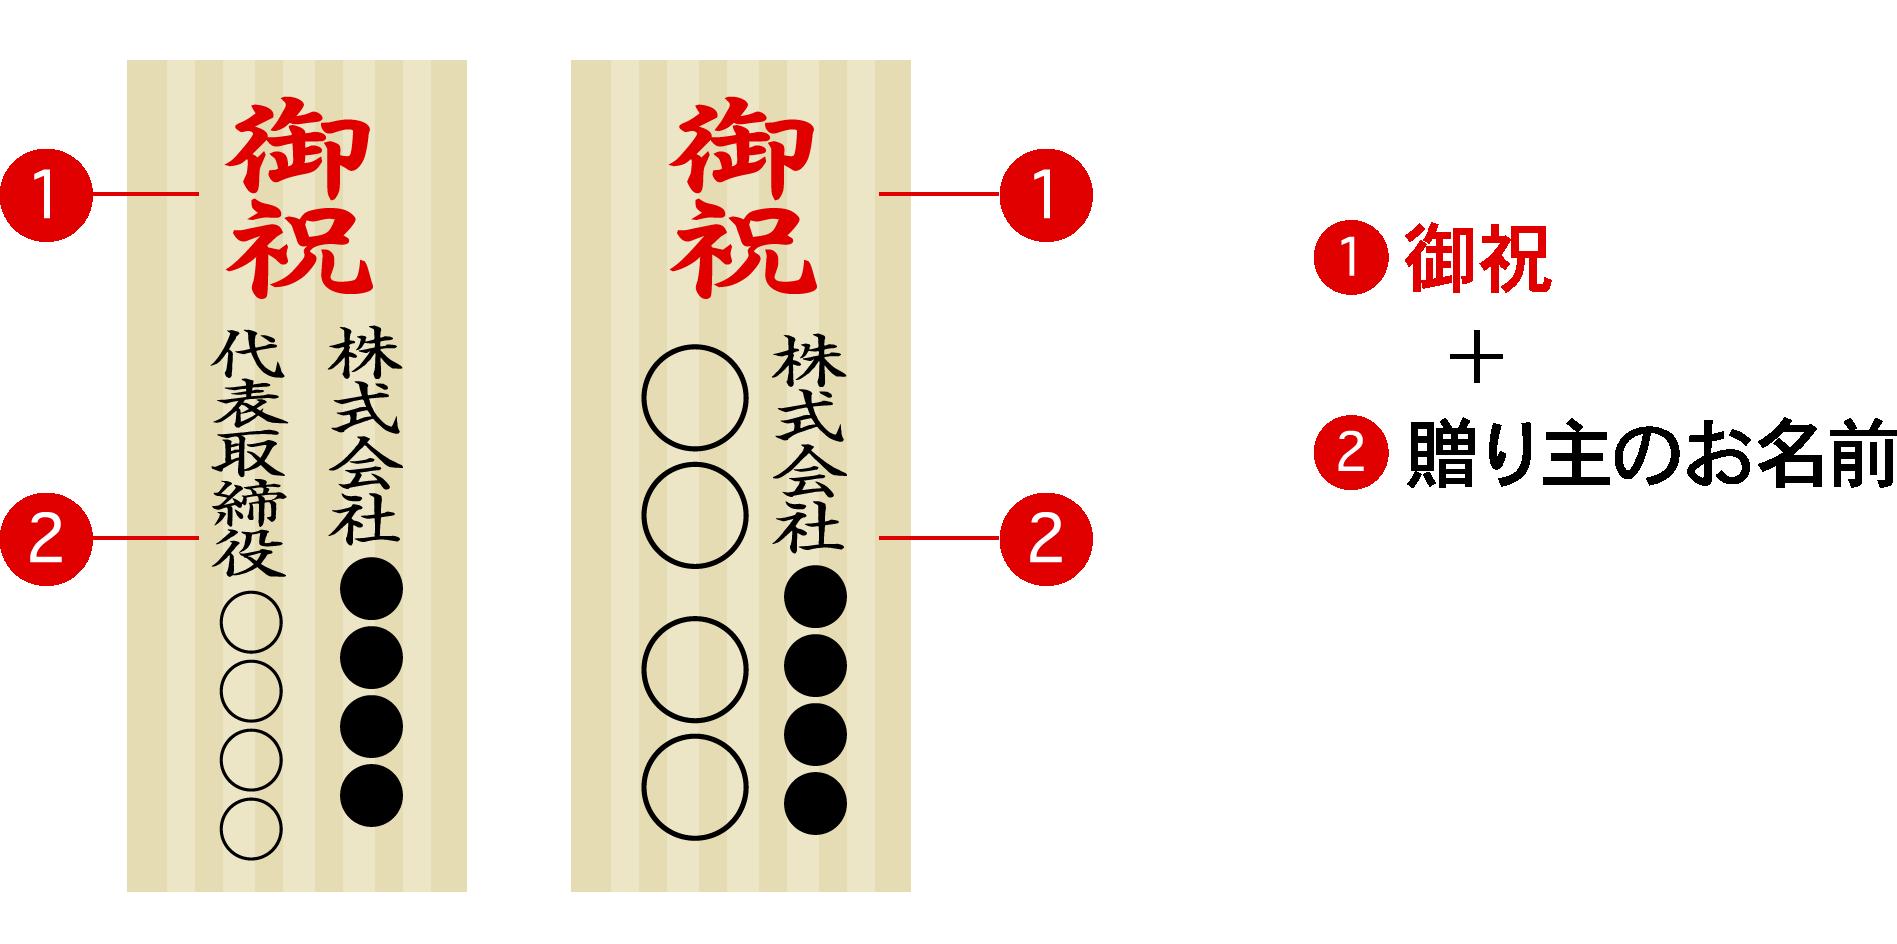 書き方例1